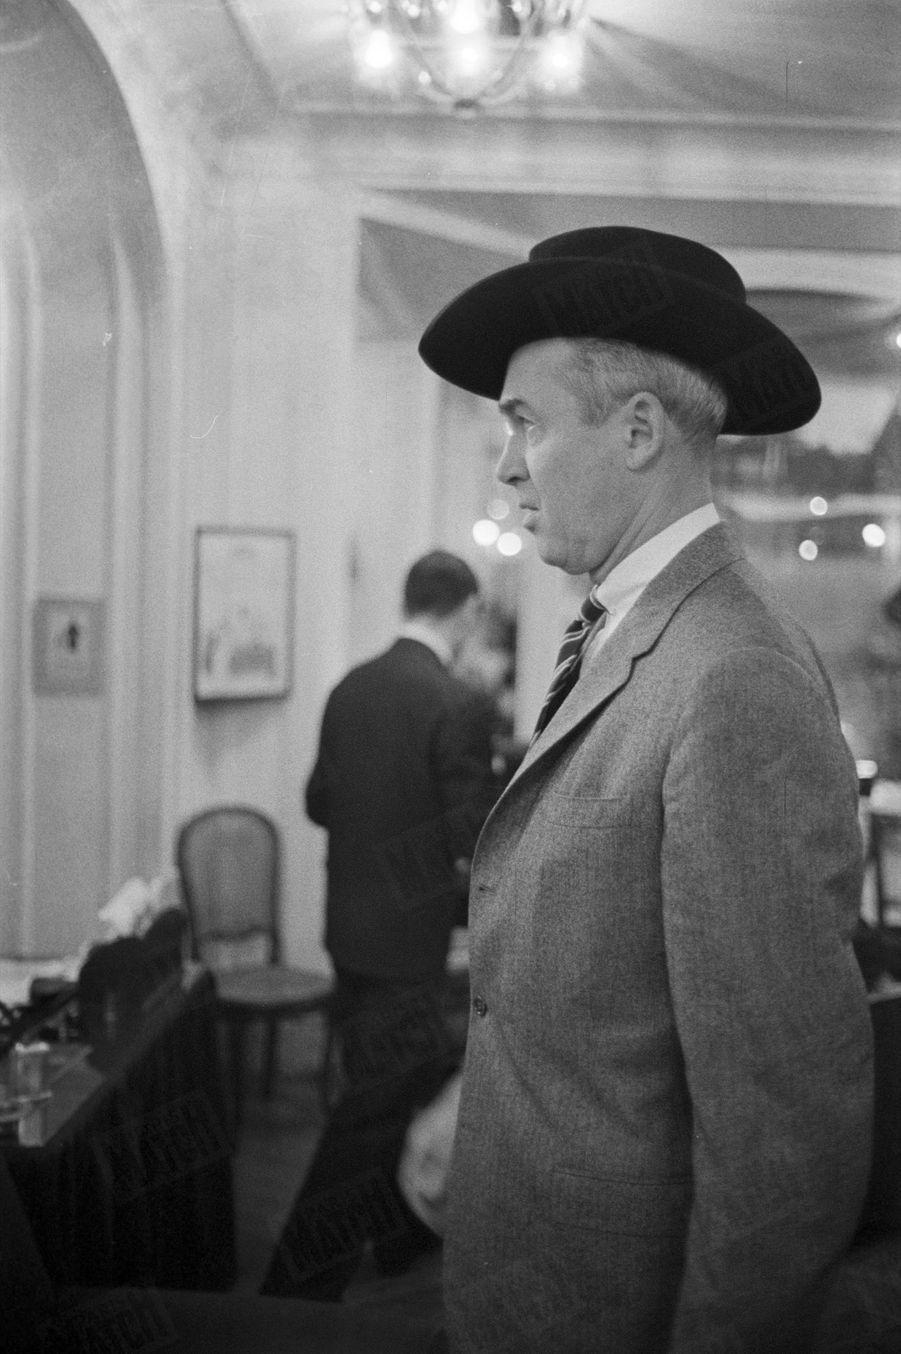 « James Stewart en Zorro » - Paris Match n°553, daté du 14 novembre 1959.